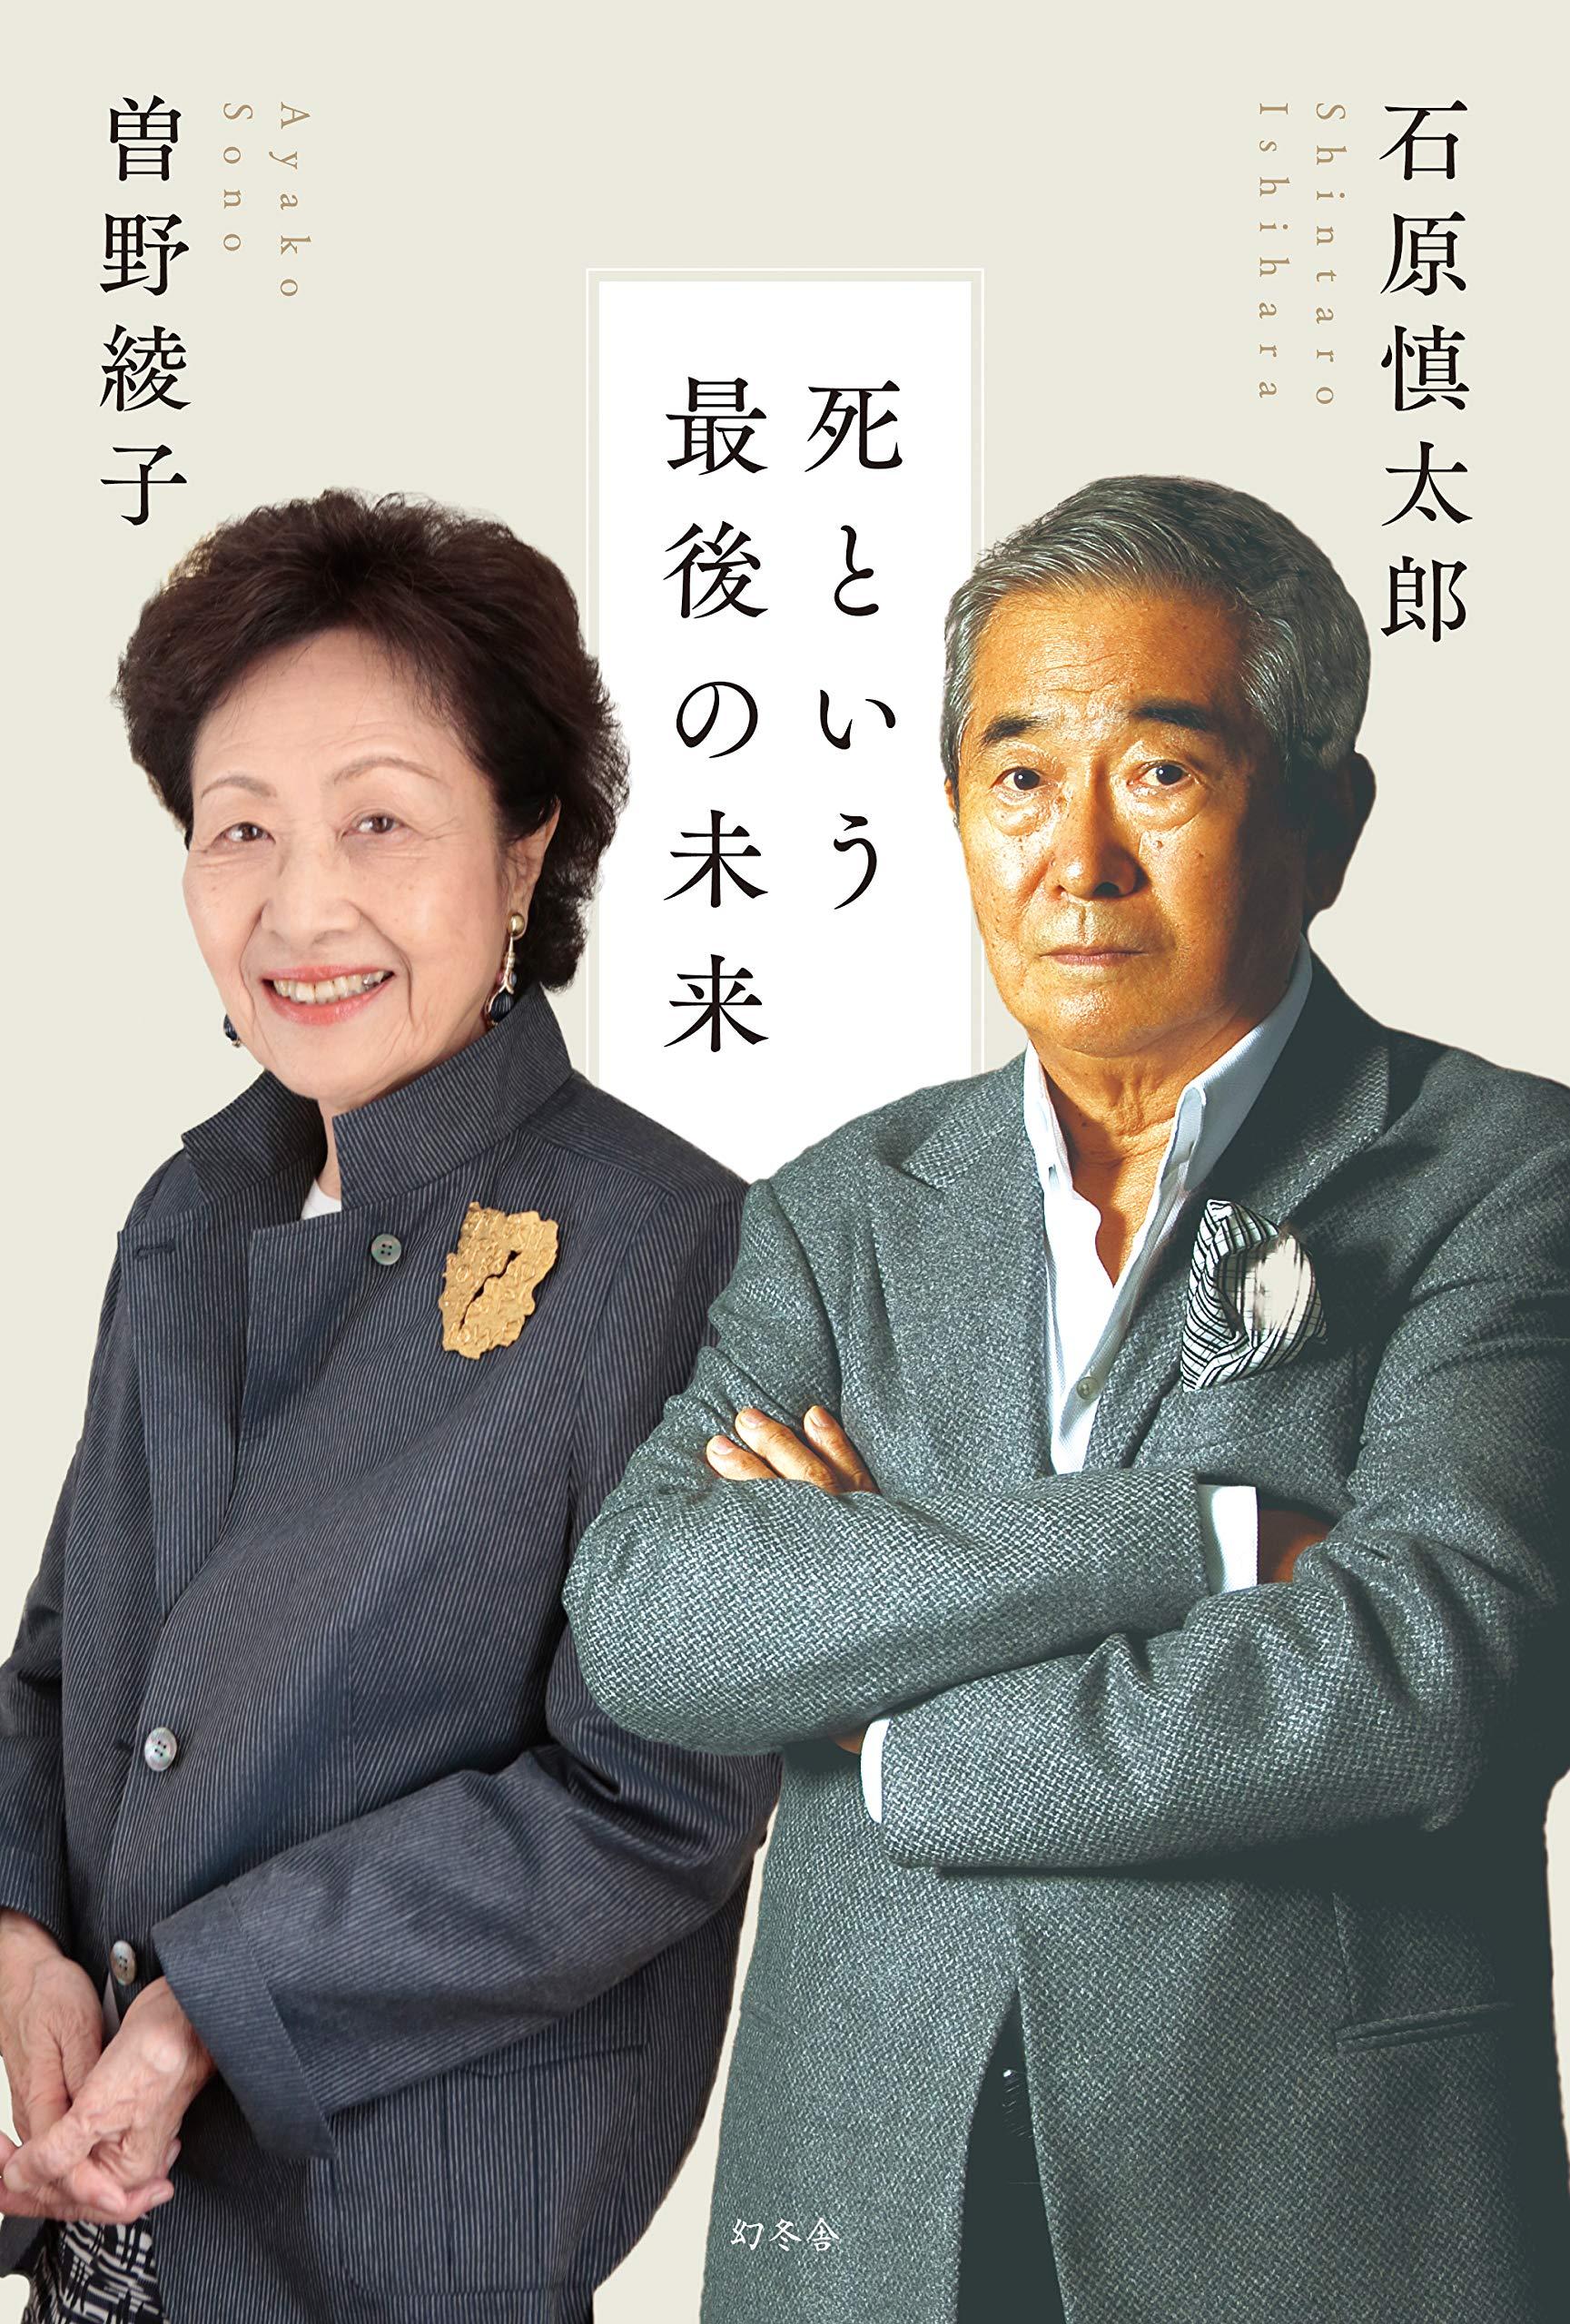 石原 良介 美 慎太郎 木 ロング ブレス